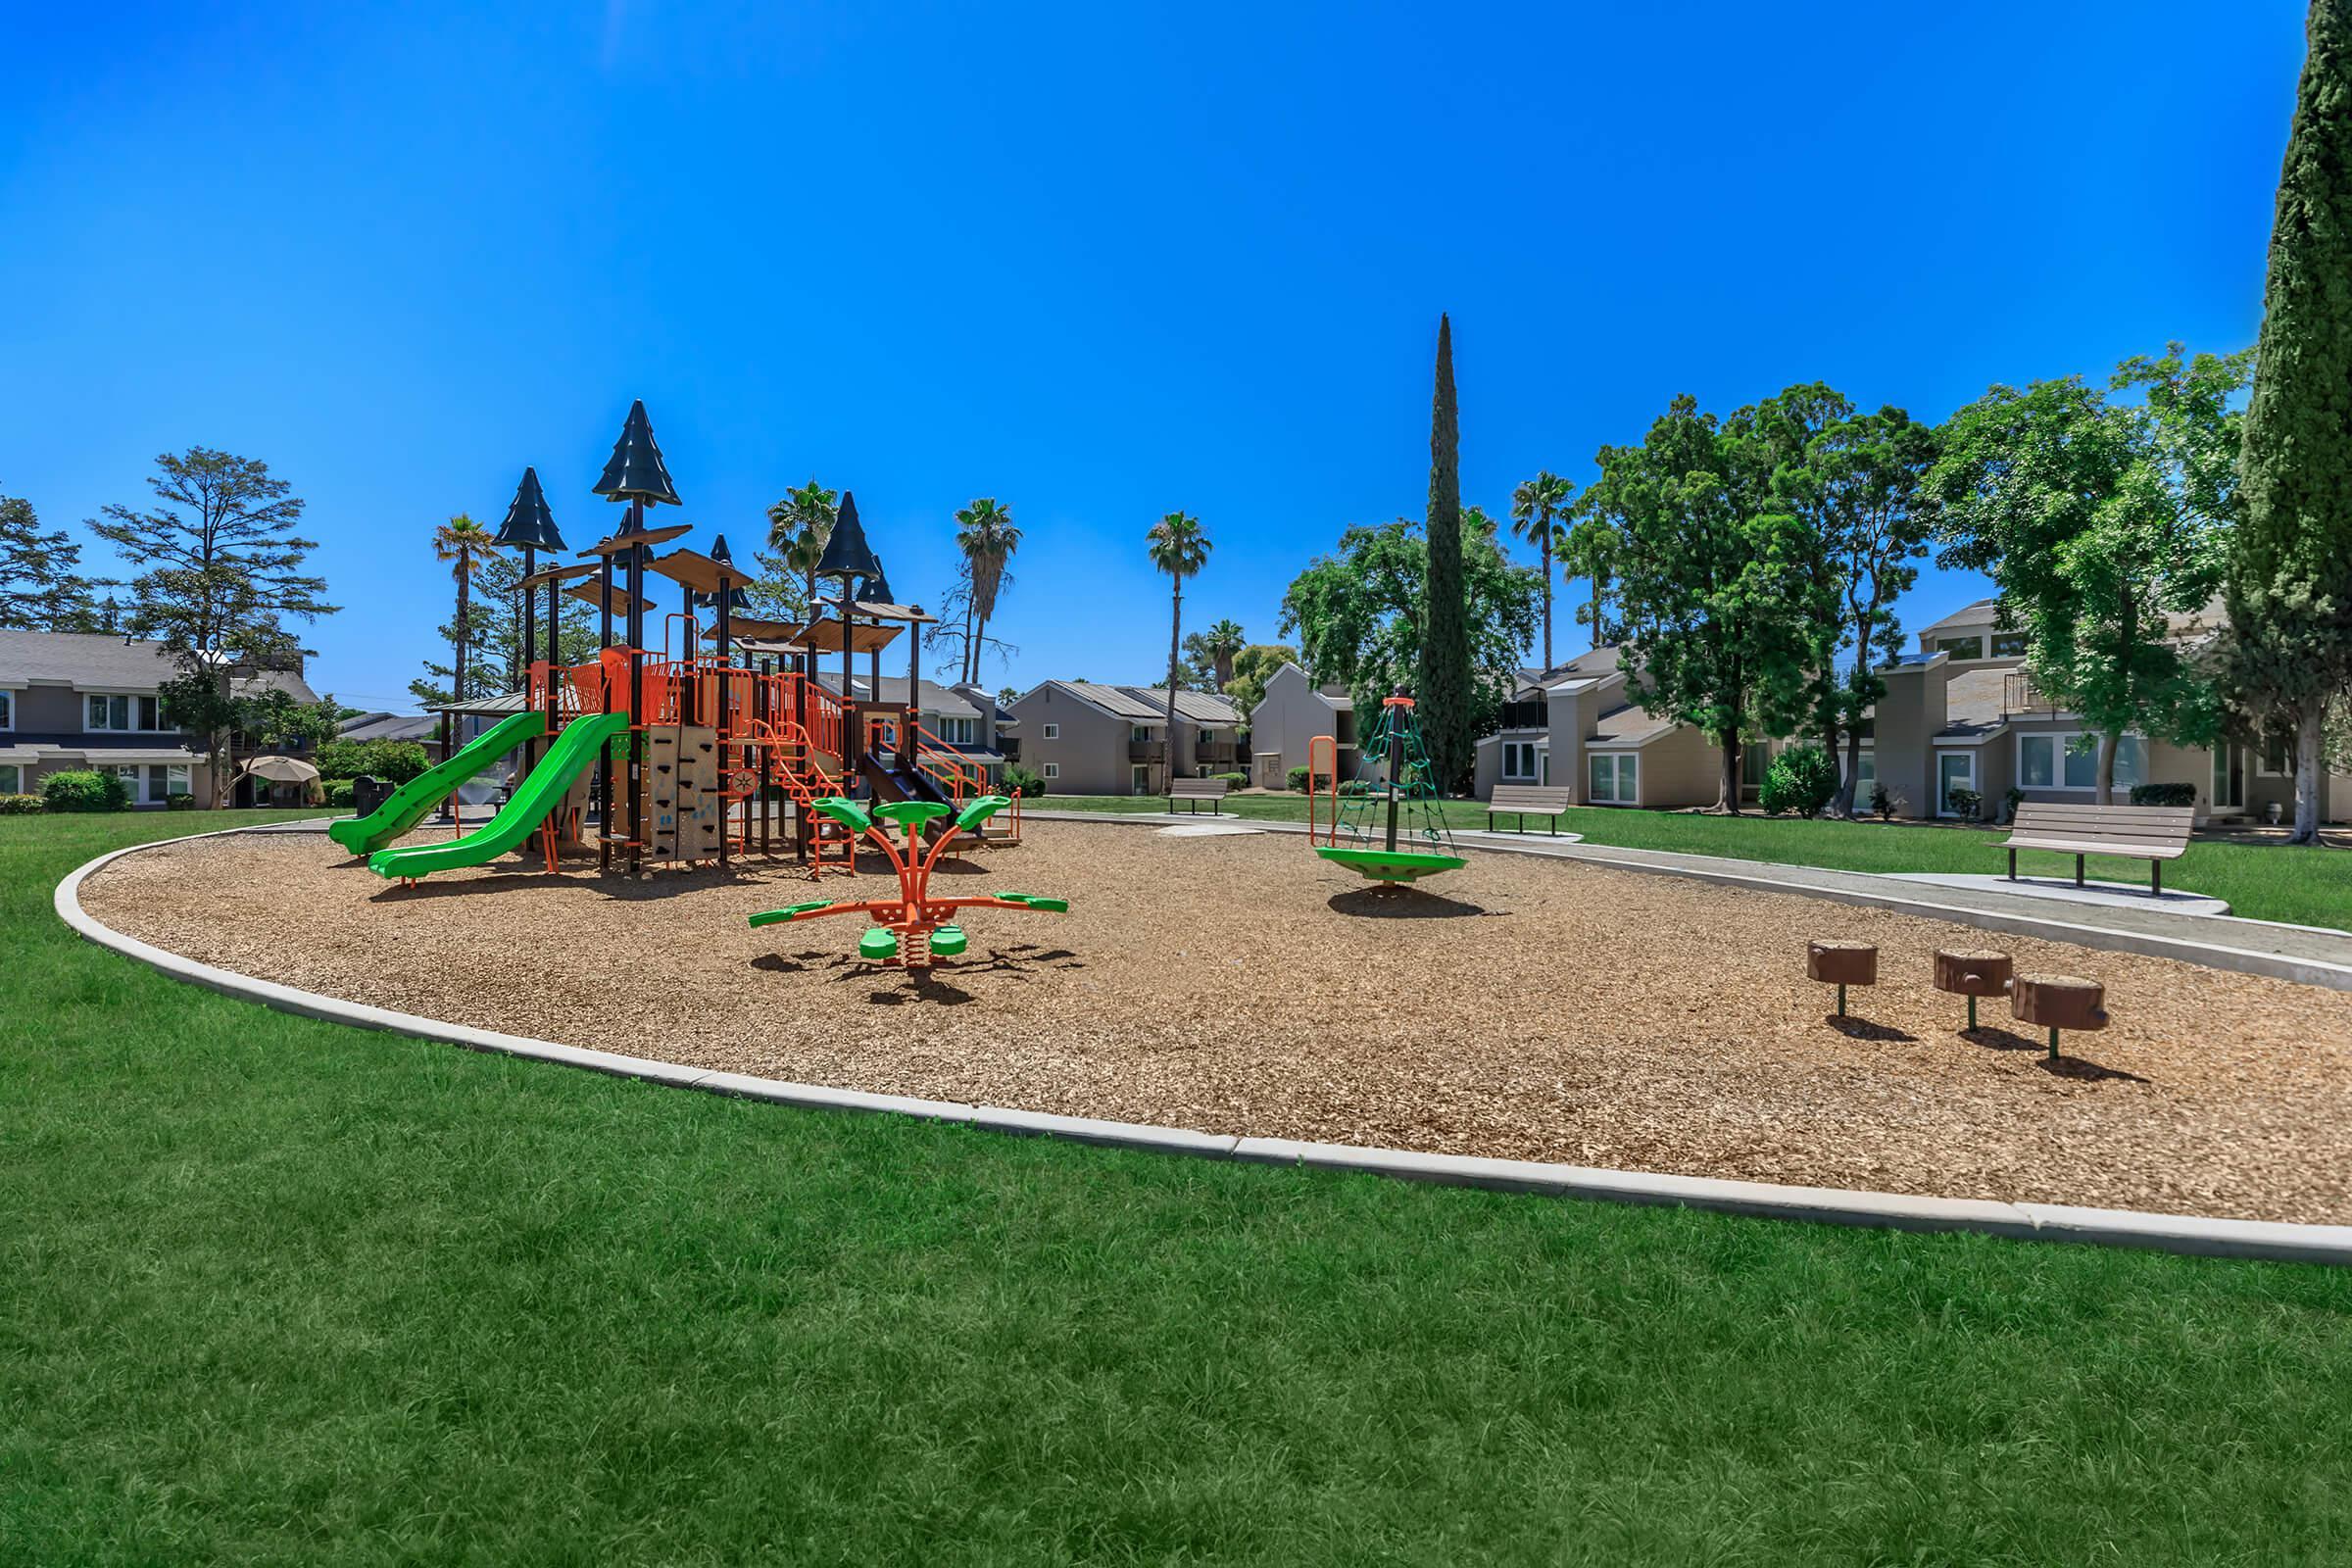 The community playground